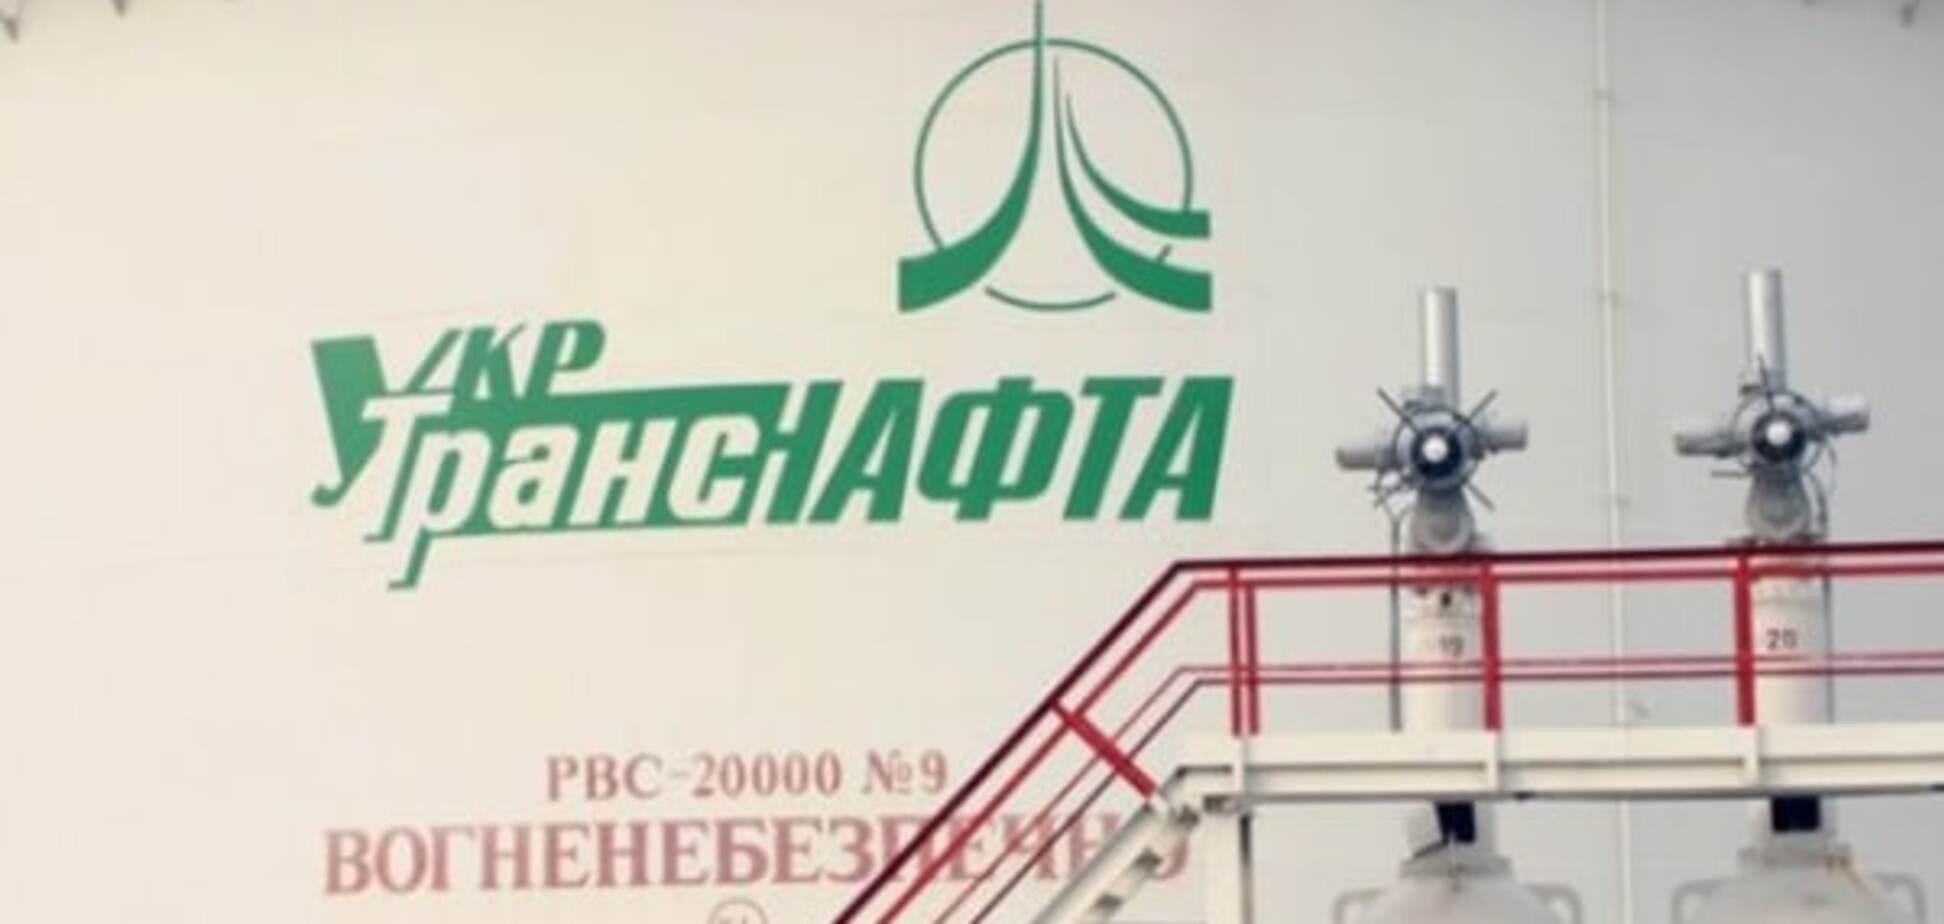 Суд открыл дело по вопросу блокированию работы 'Укртранснафты' - Пасишник